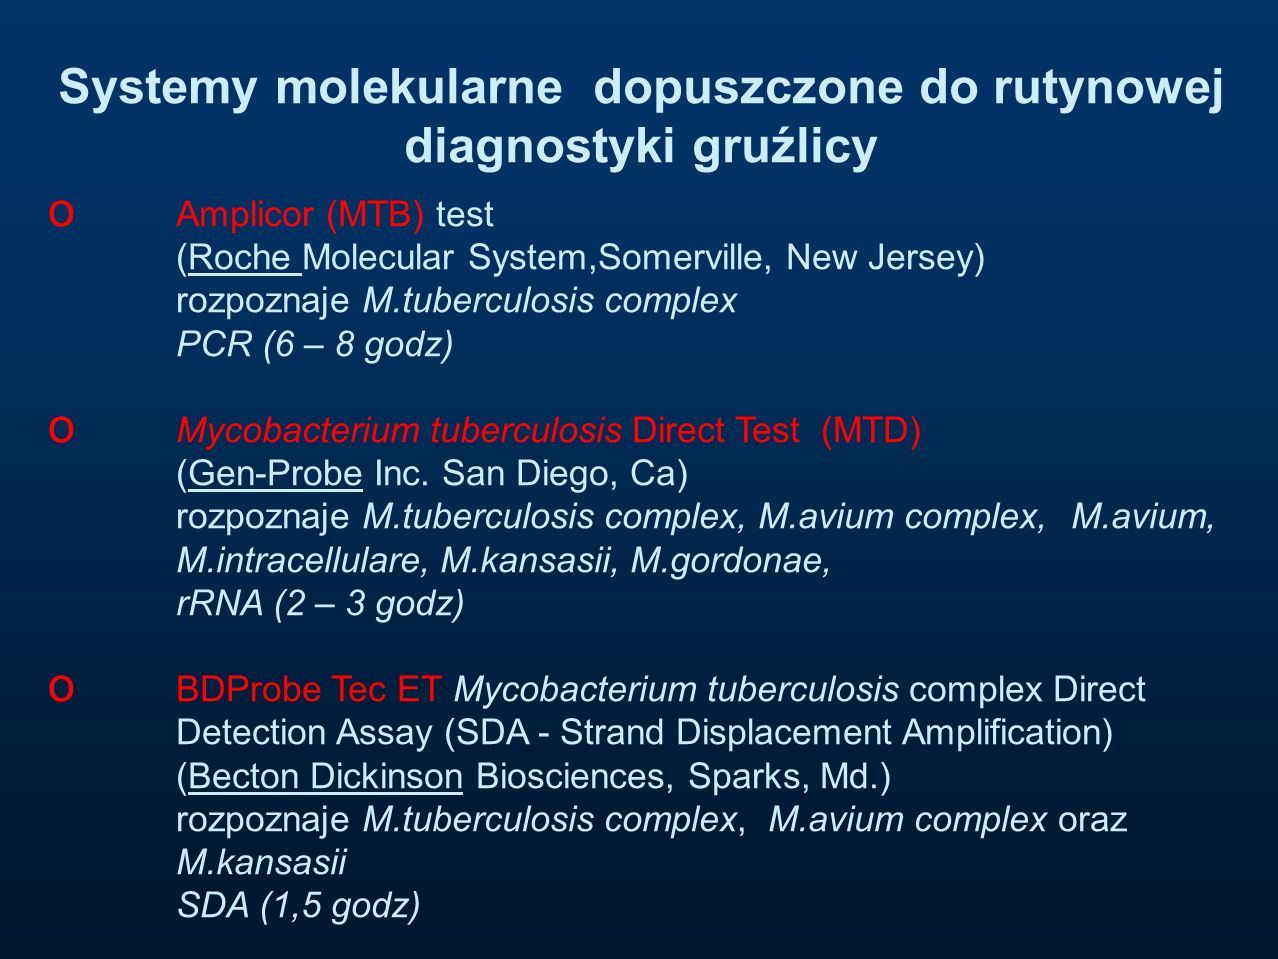 Systemy molekularne dopuszczone do rutynowej diagnostyki gruźlicy